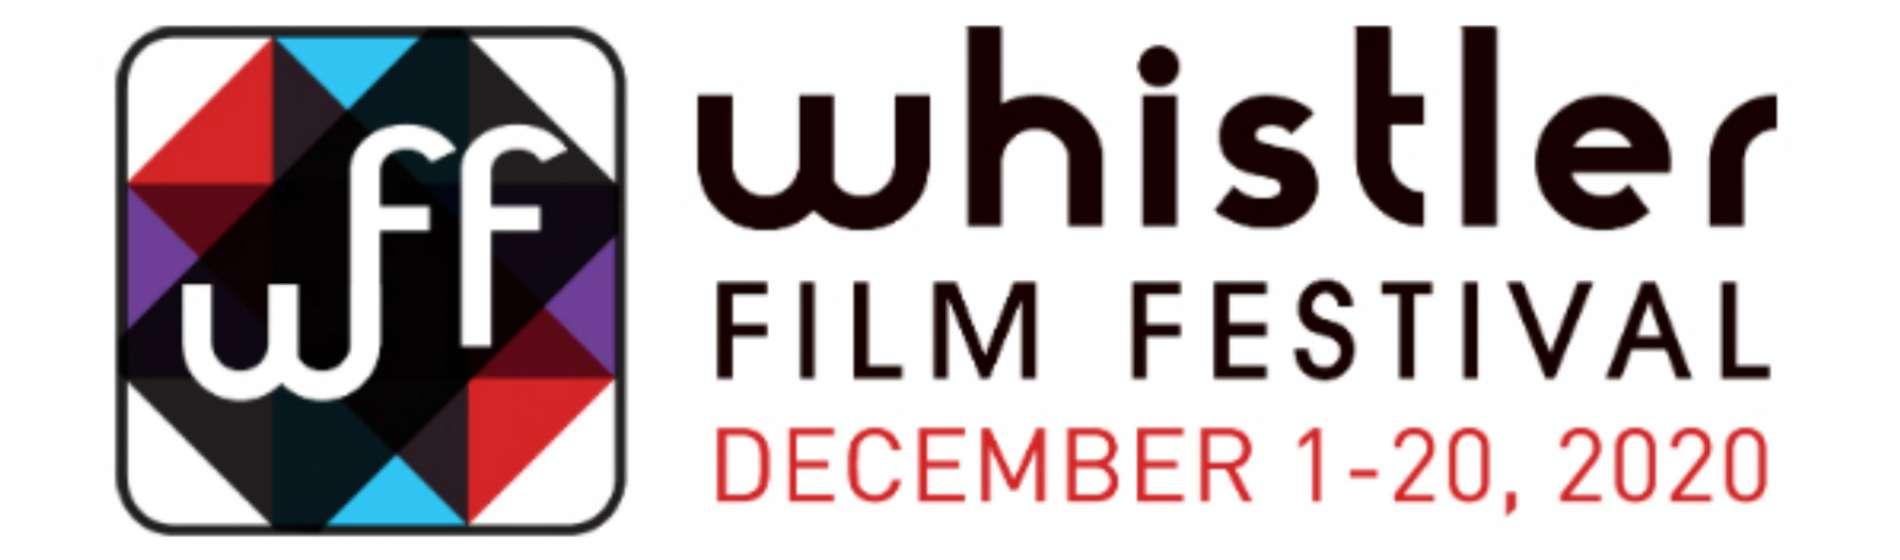 whistler-film-festival-2020